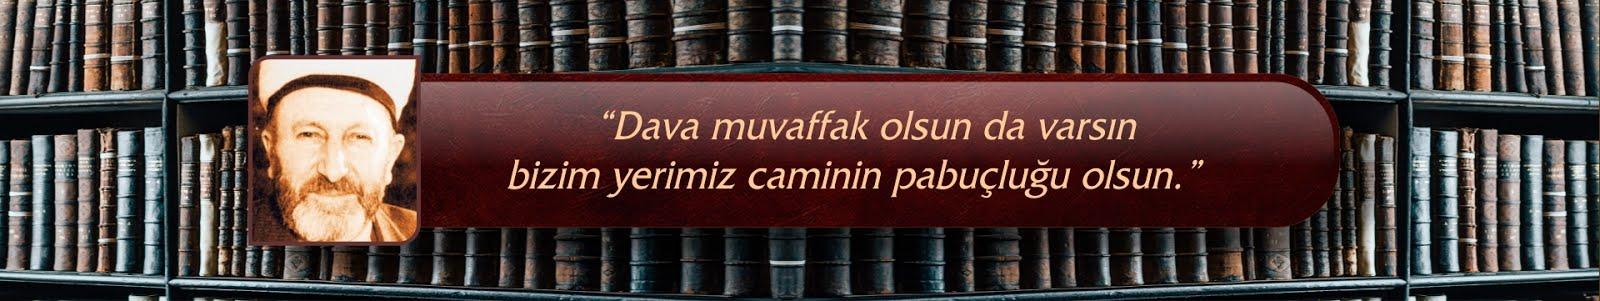 Süleyman Hilmi Tunahan | Akademi Dergisi | Mehmet Fahri Sertkaya